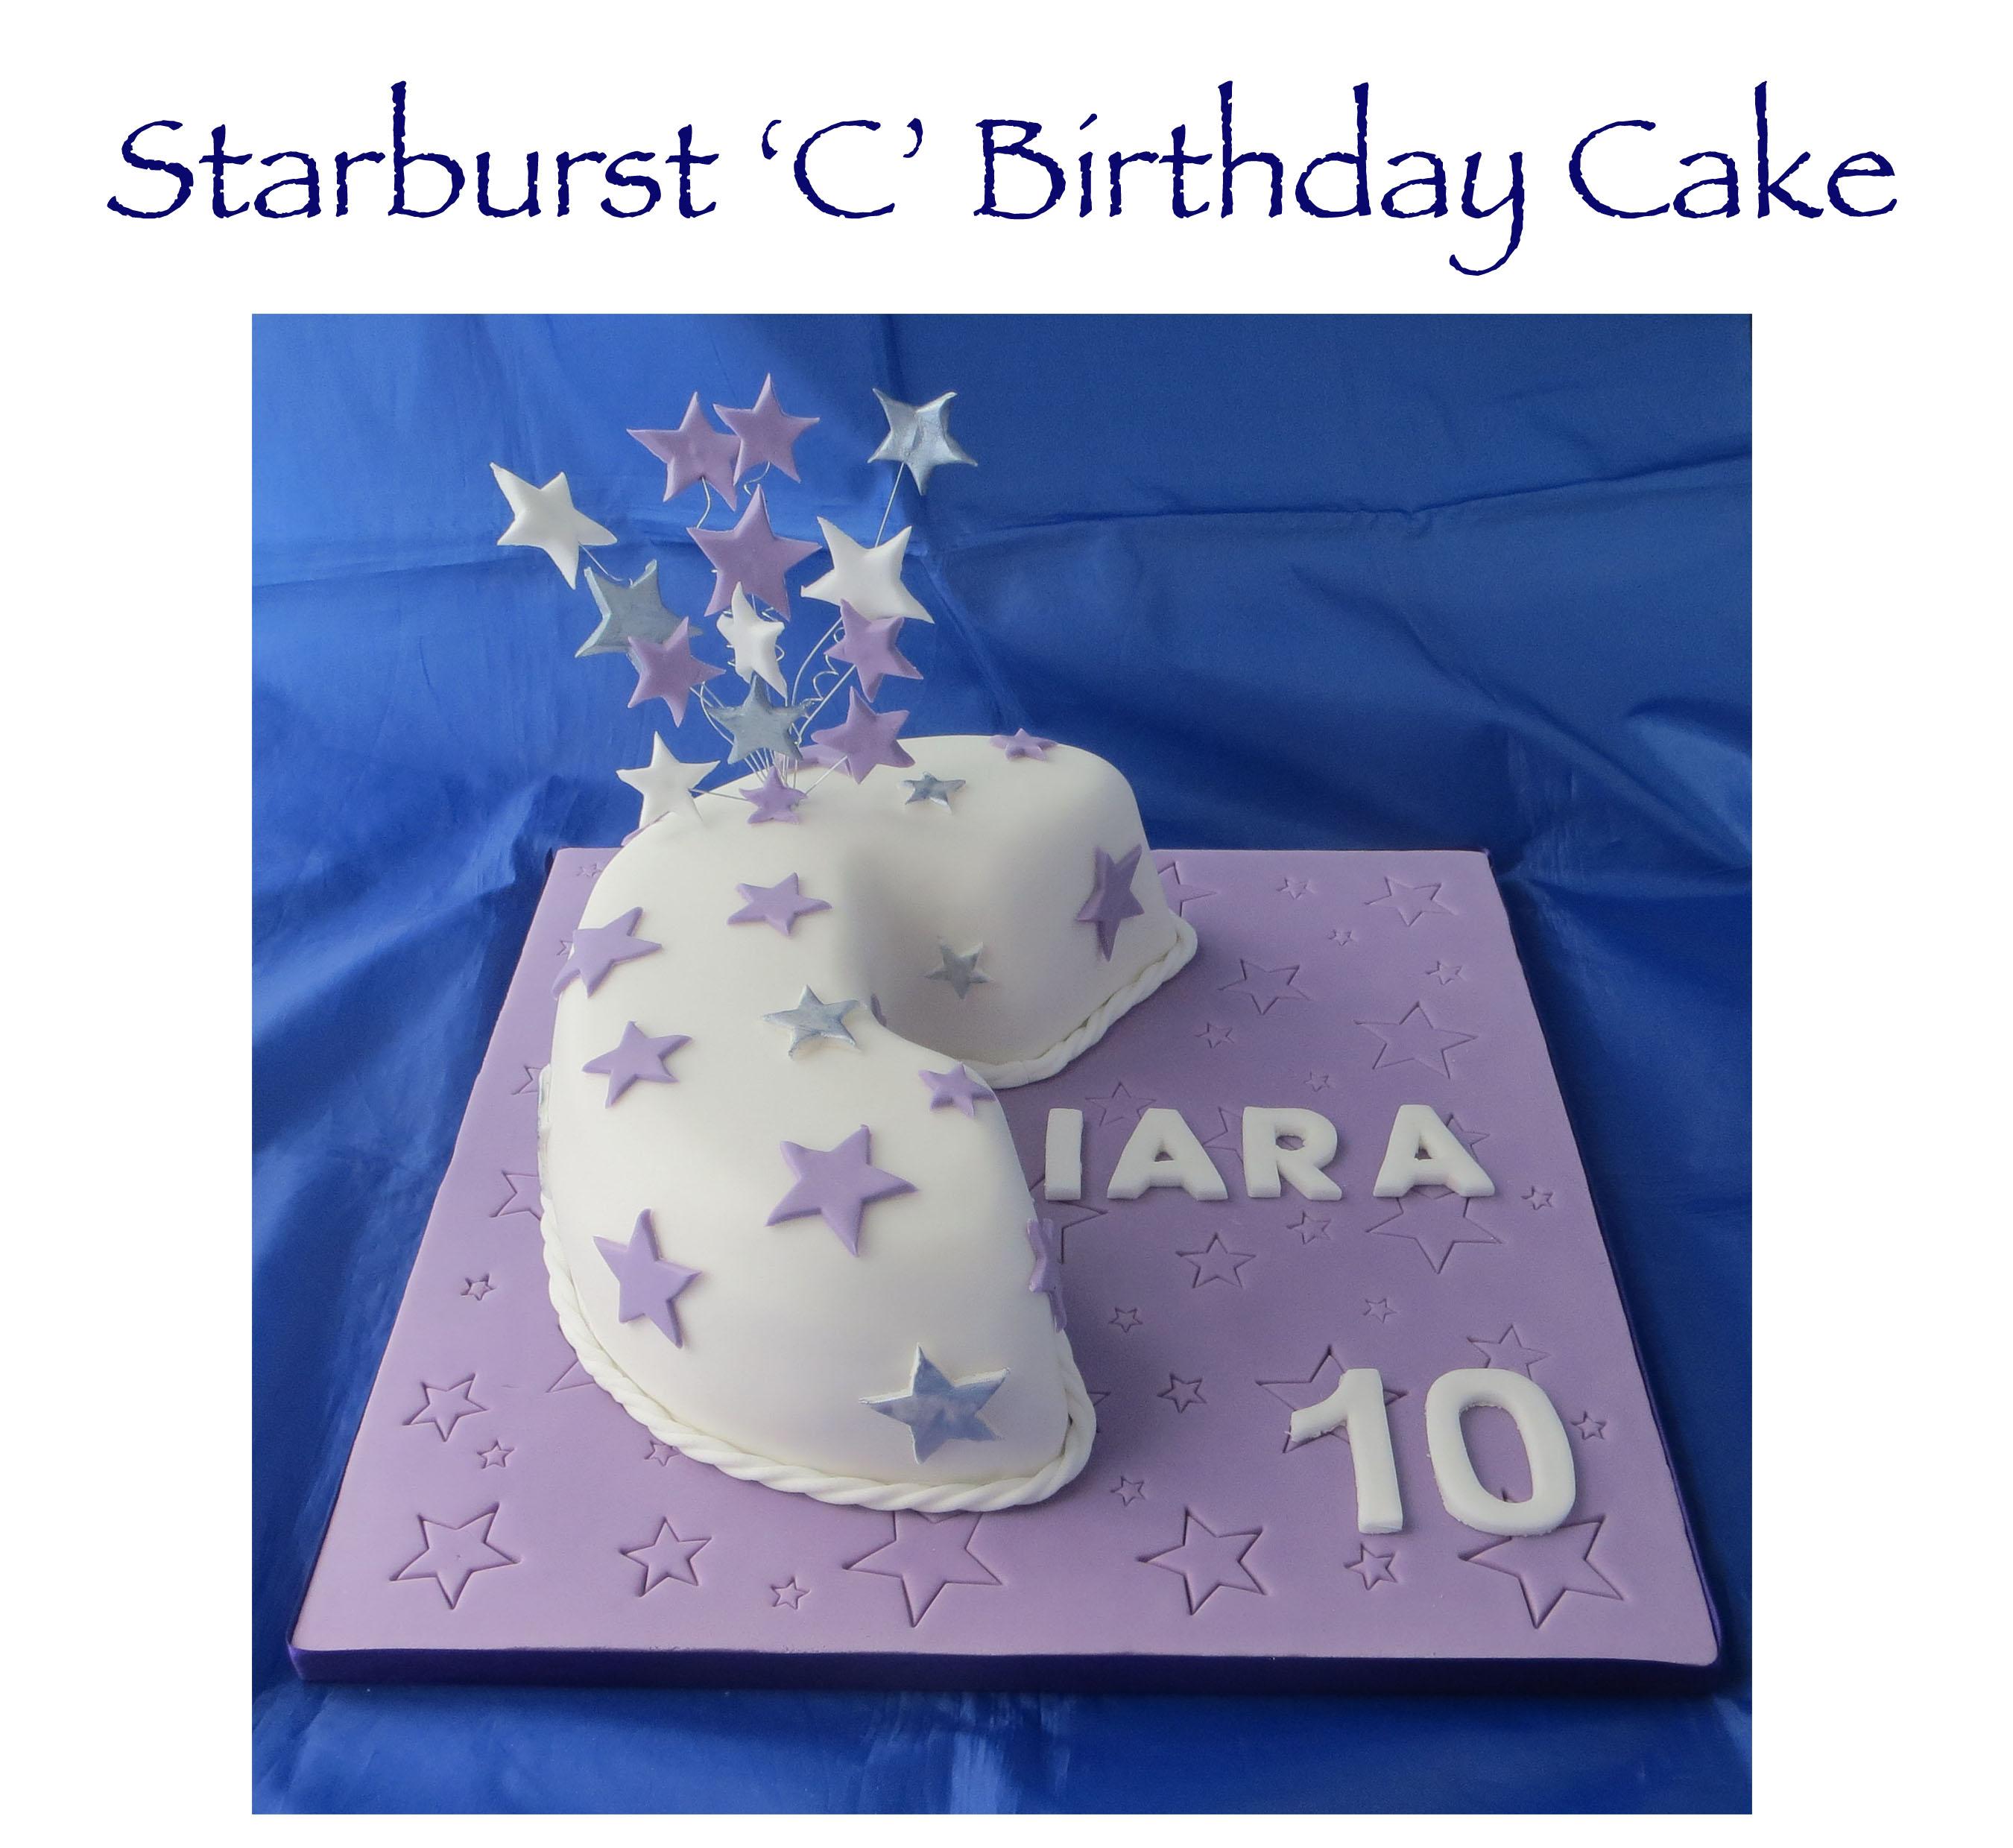 Starburst C Cake